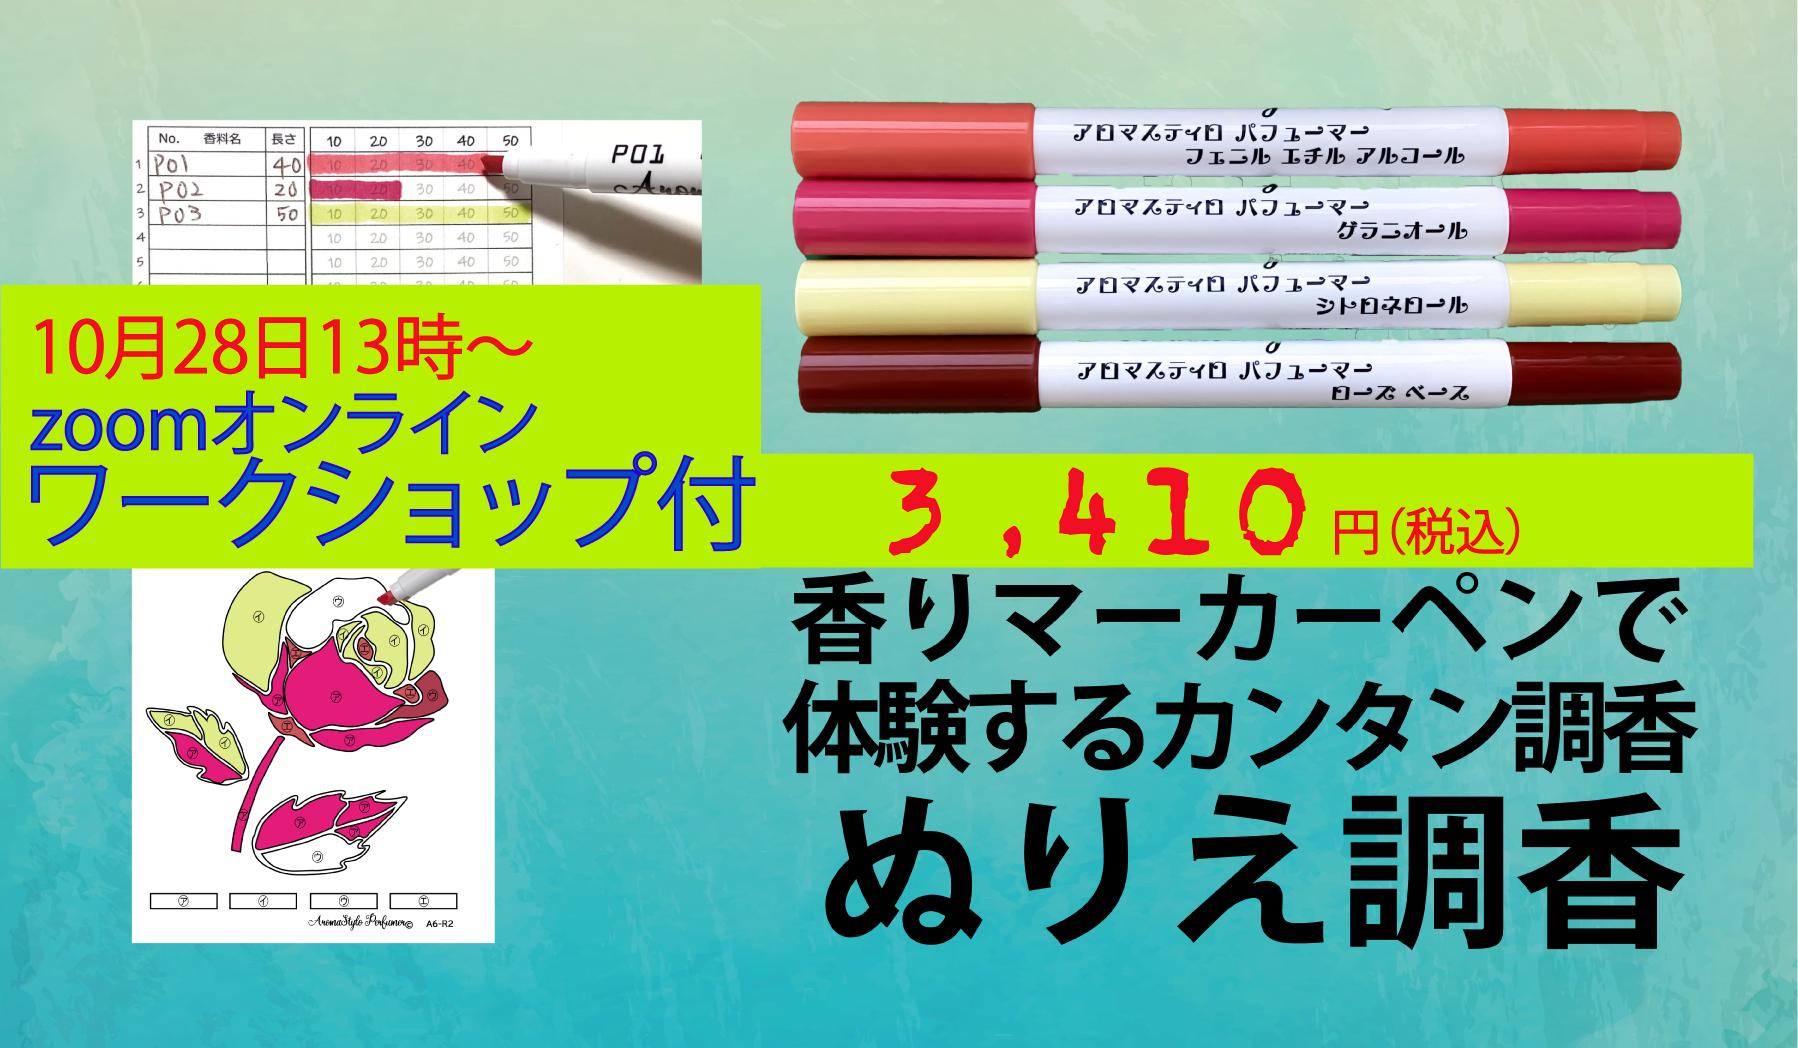 バラの調香セット(10/28日オンラインワークショップ付)発売!